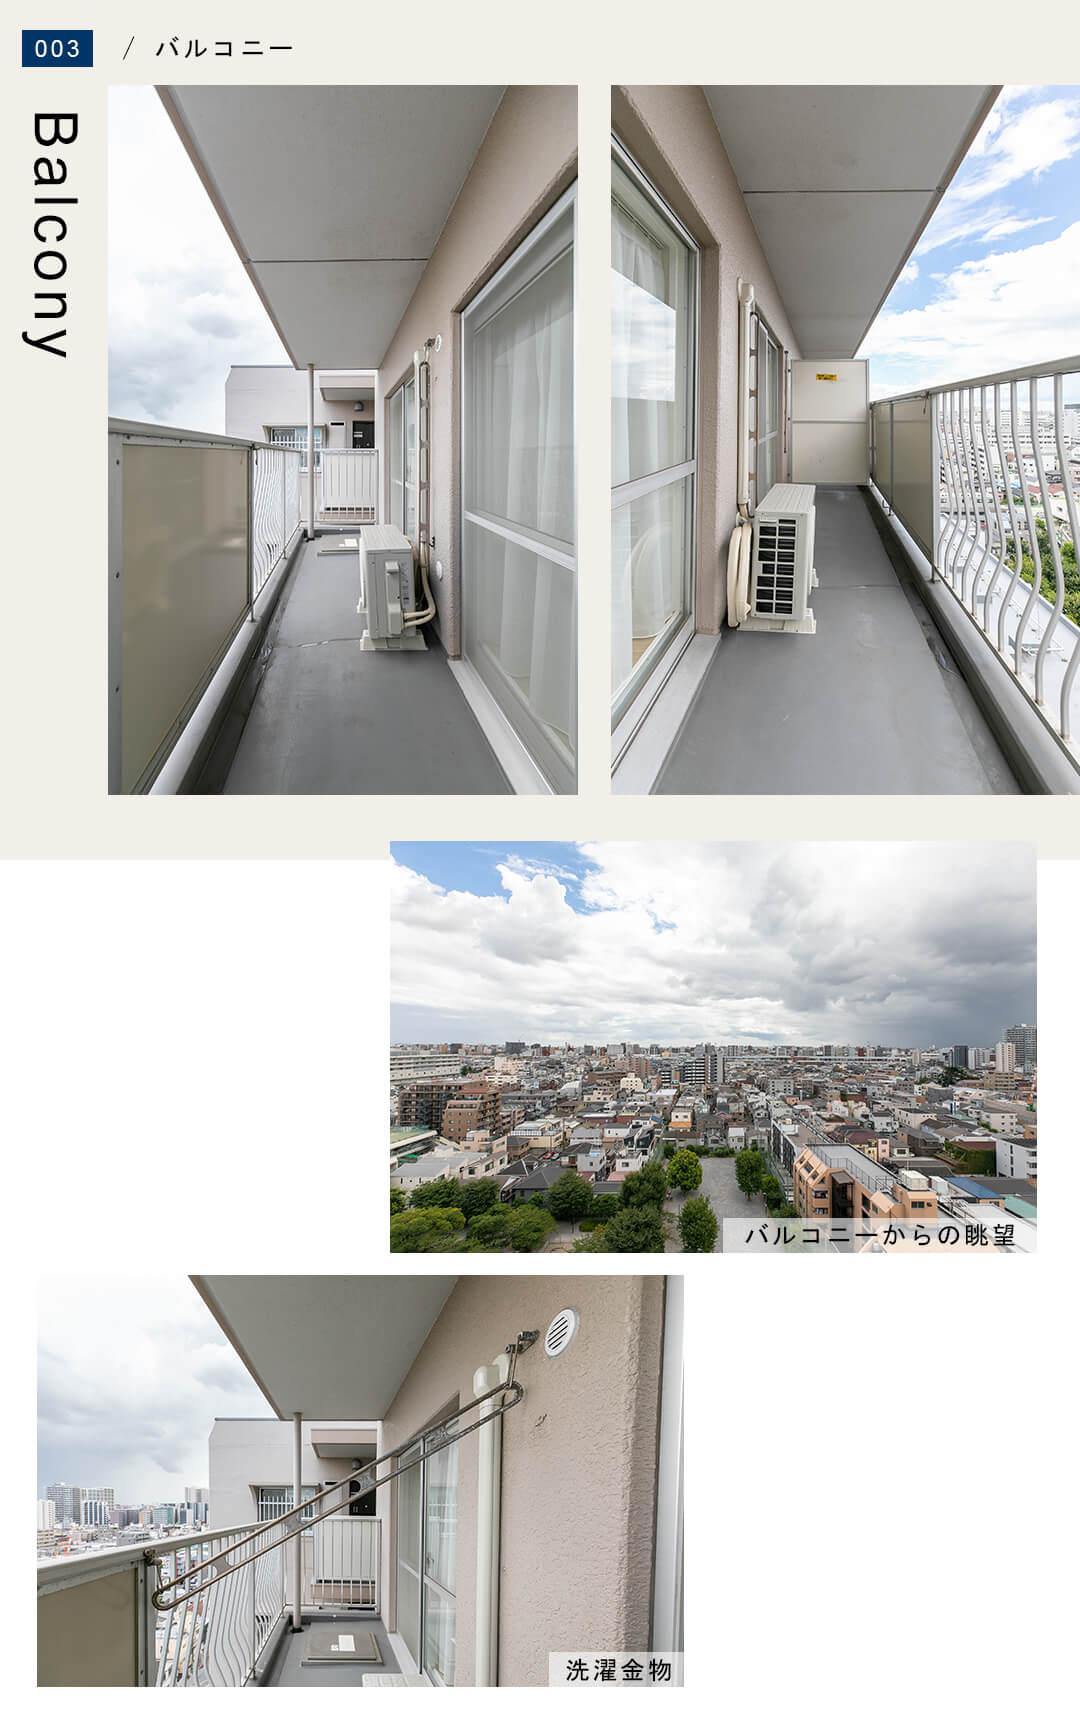 003バルコニー,Balcony